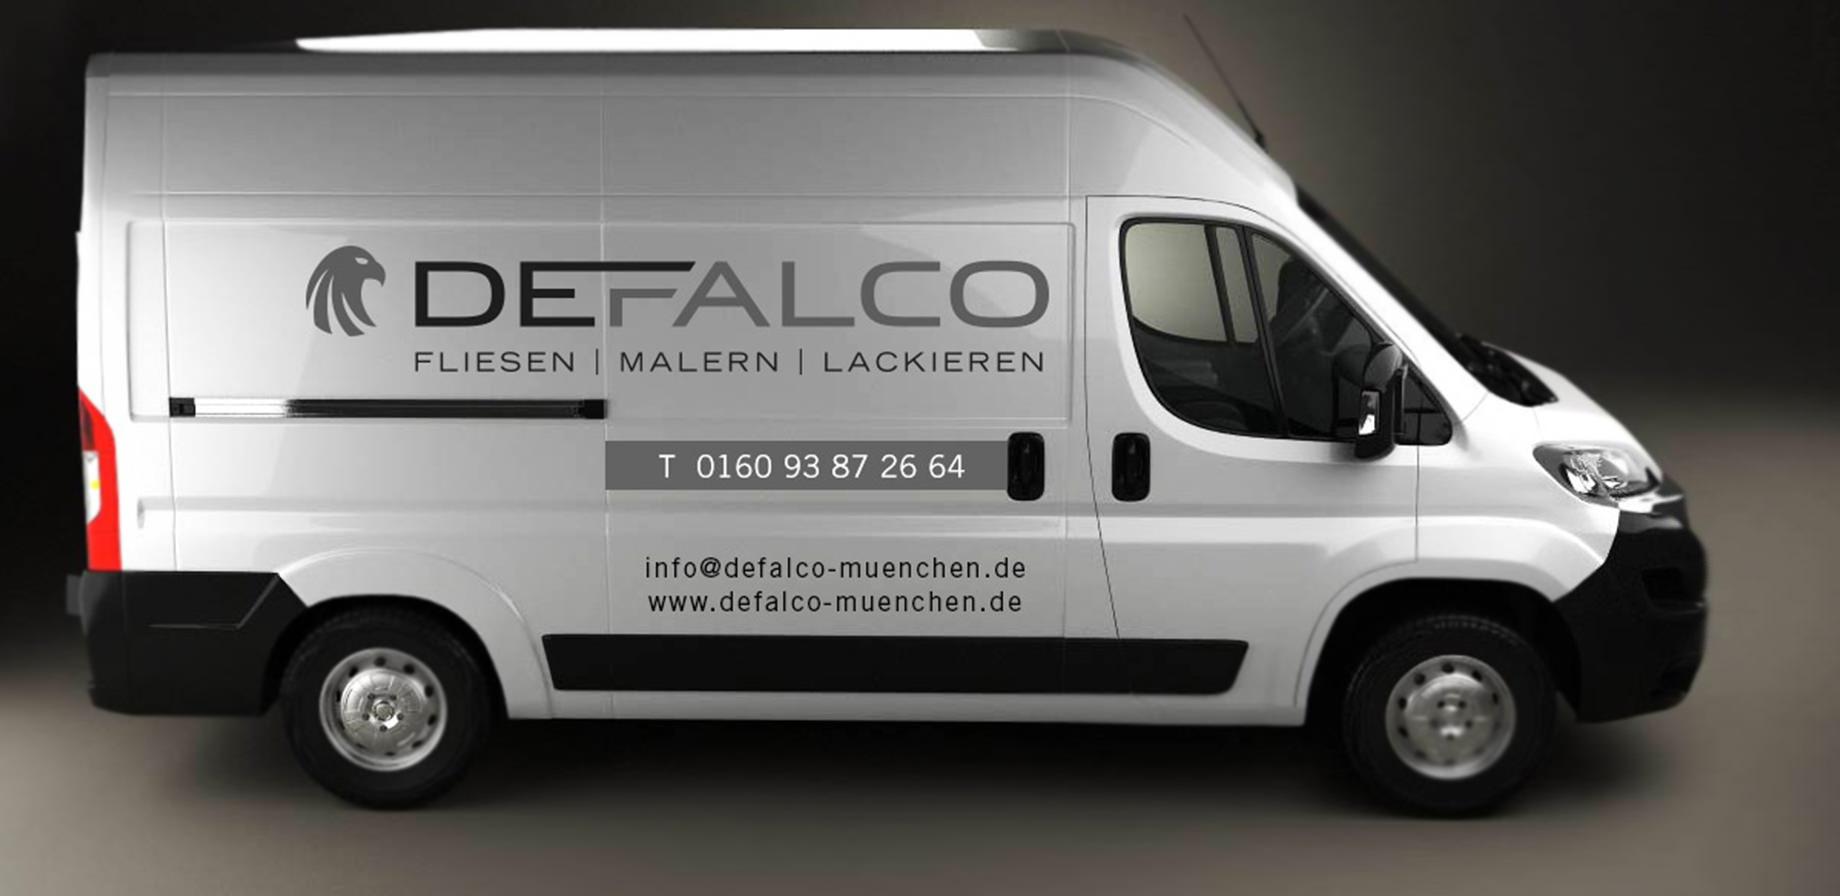 Autobeschriftung Defalco